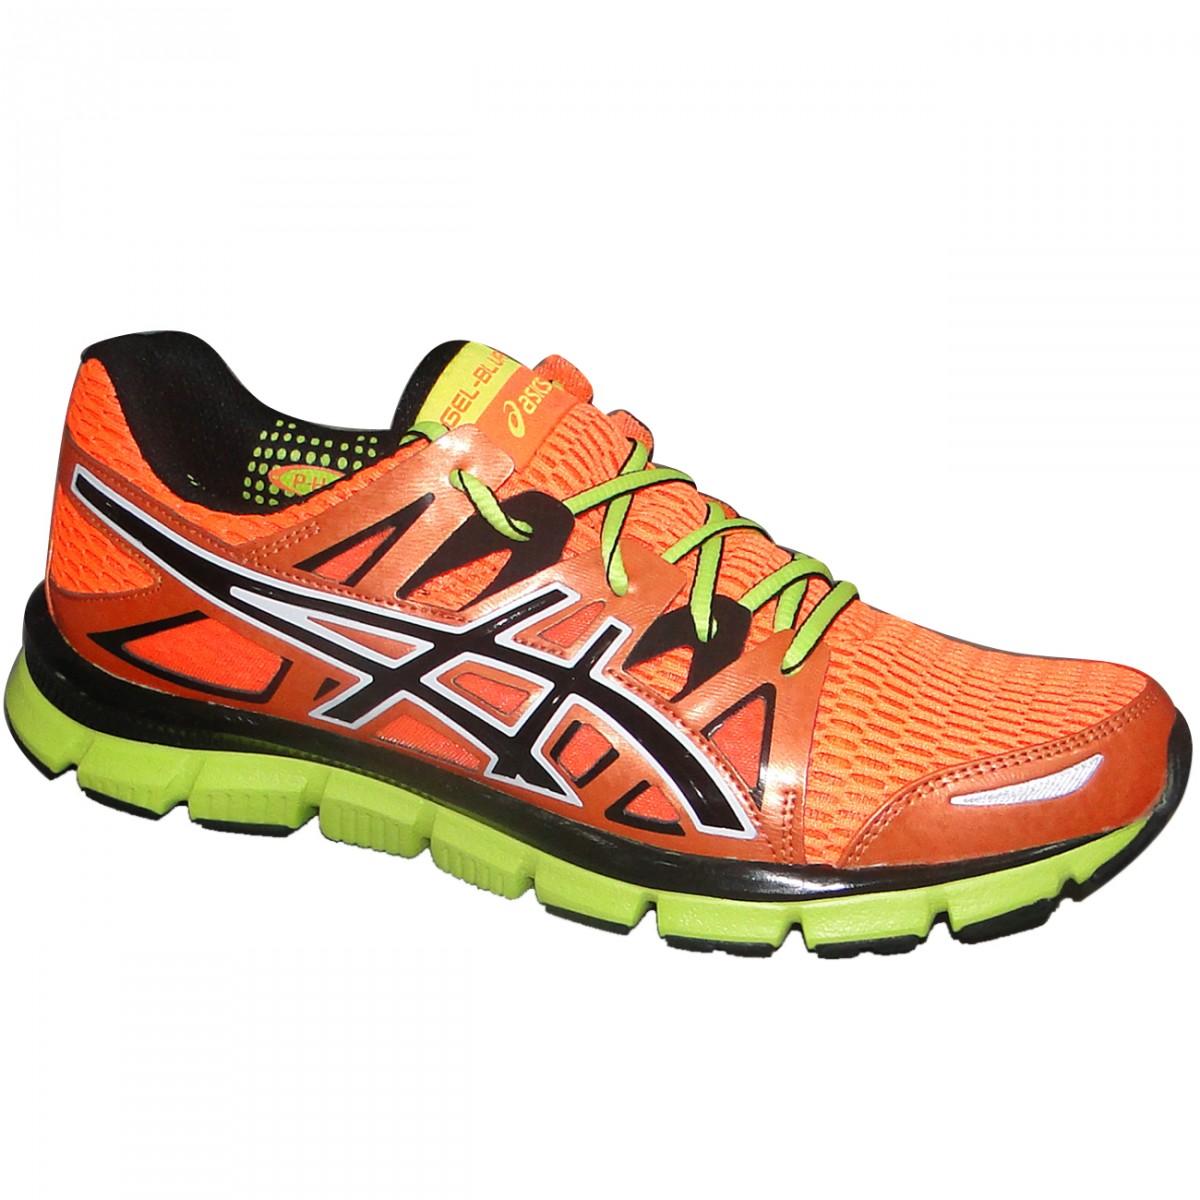 Tenis Asics Gel-Blur33 2.0 T2H3N-3290 - Laranja Preto Limão - Chuteira  Nike 398e090645b5e